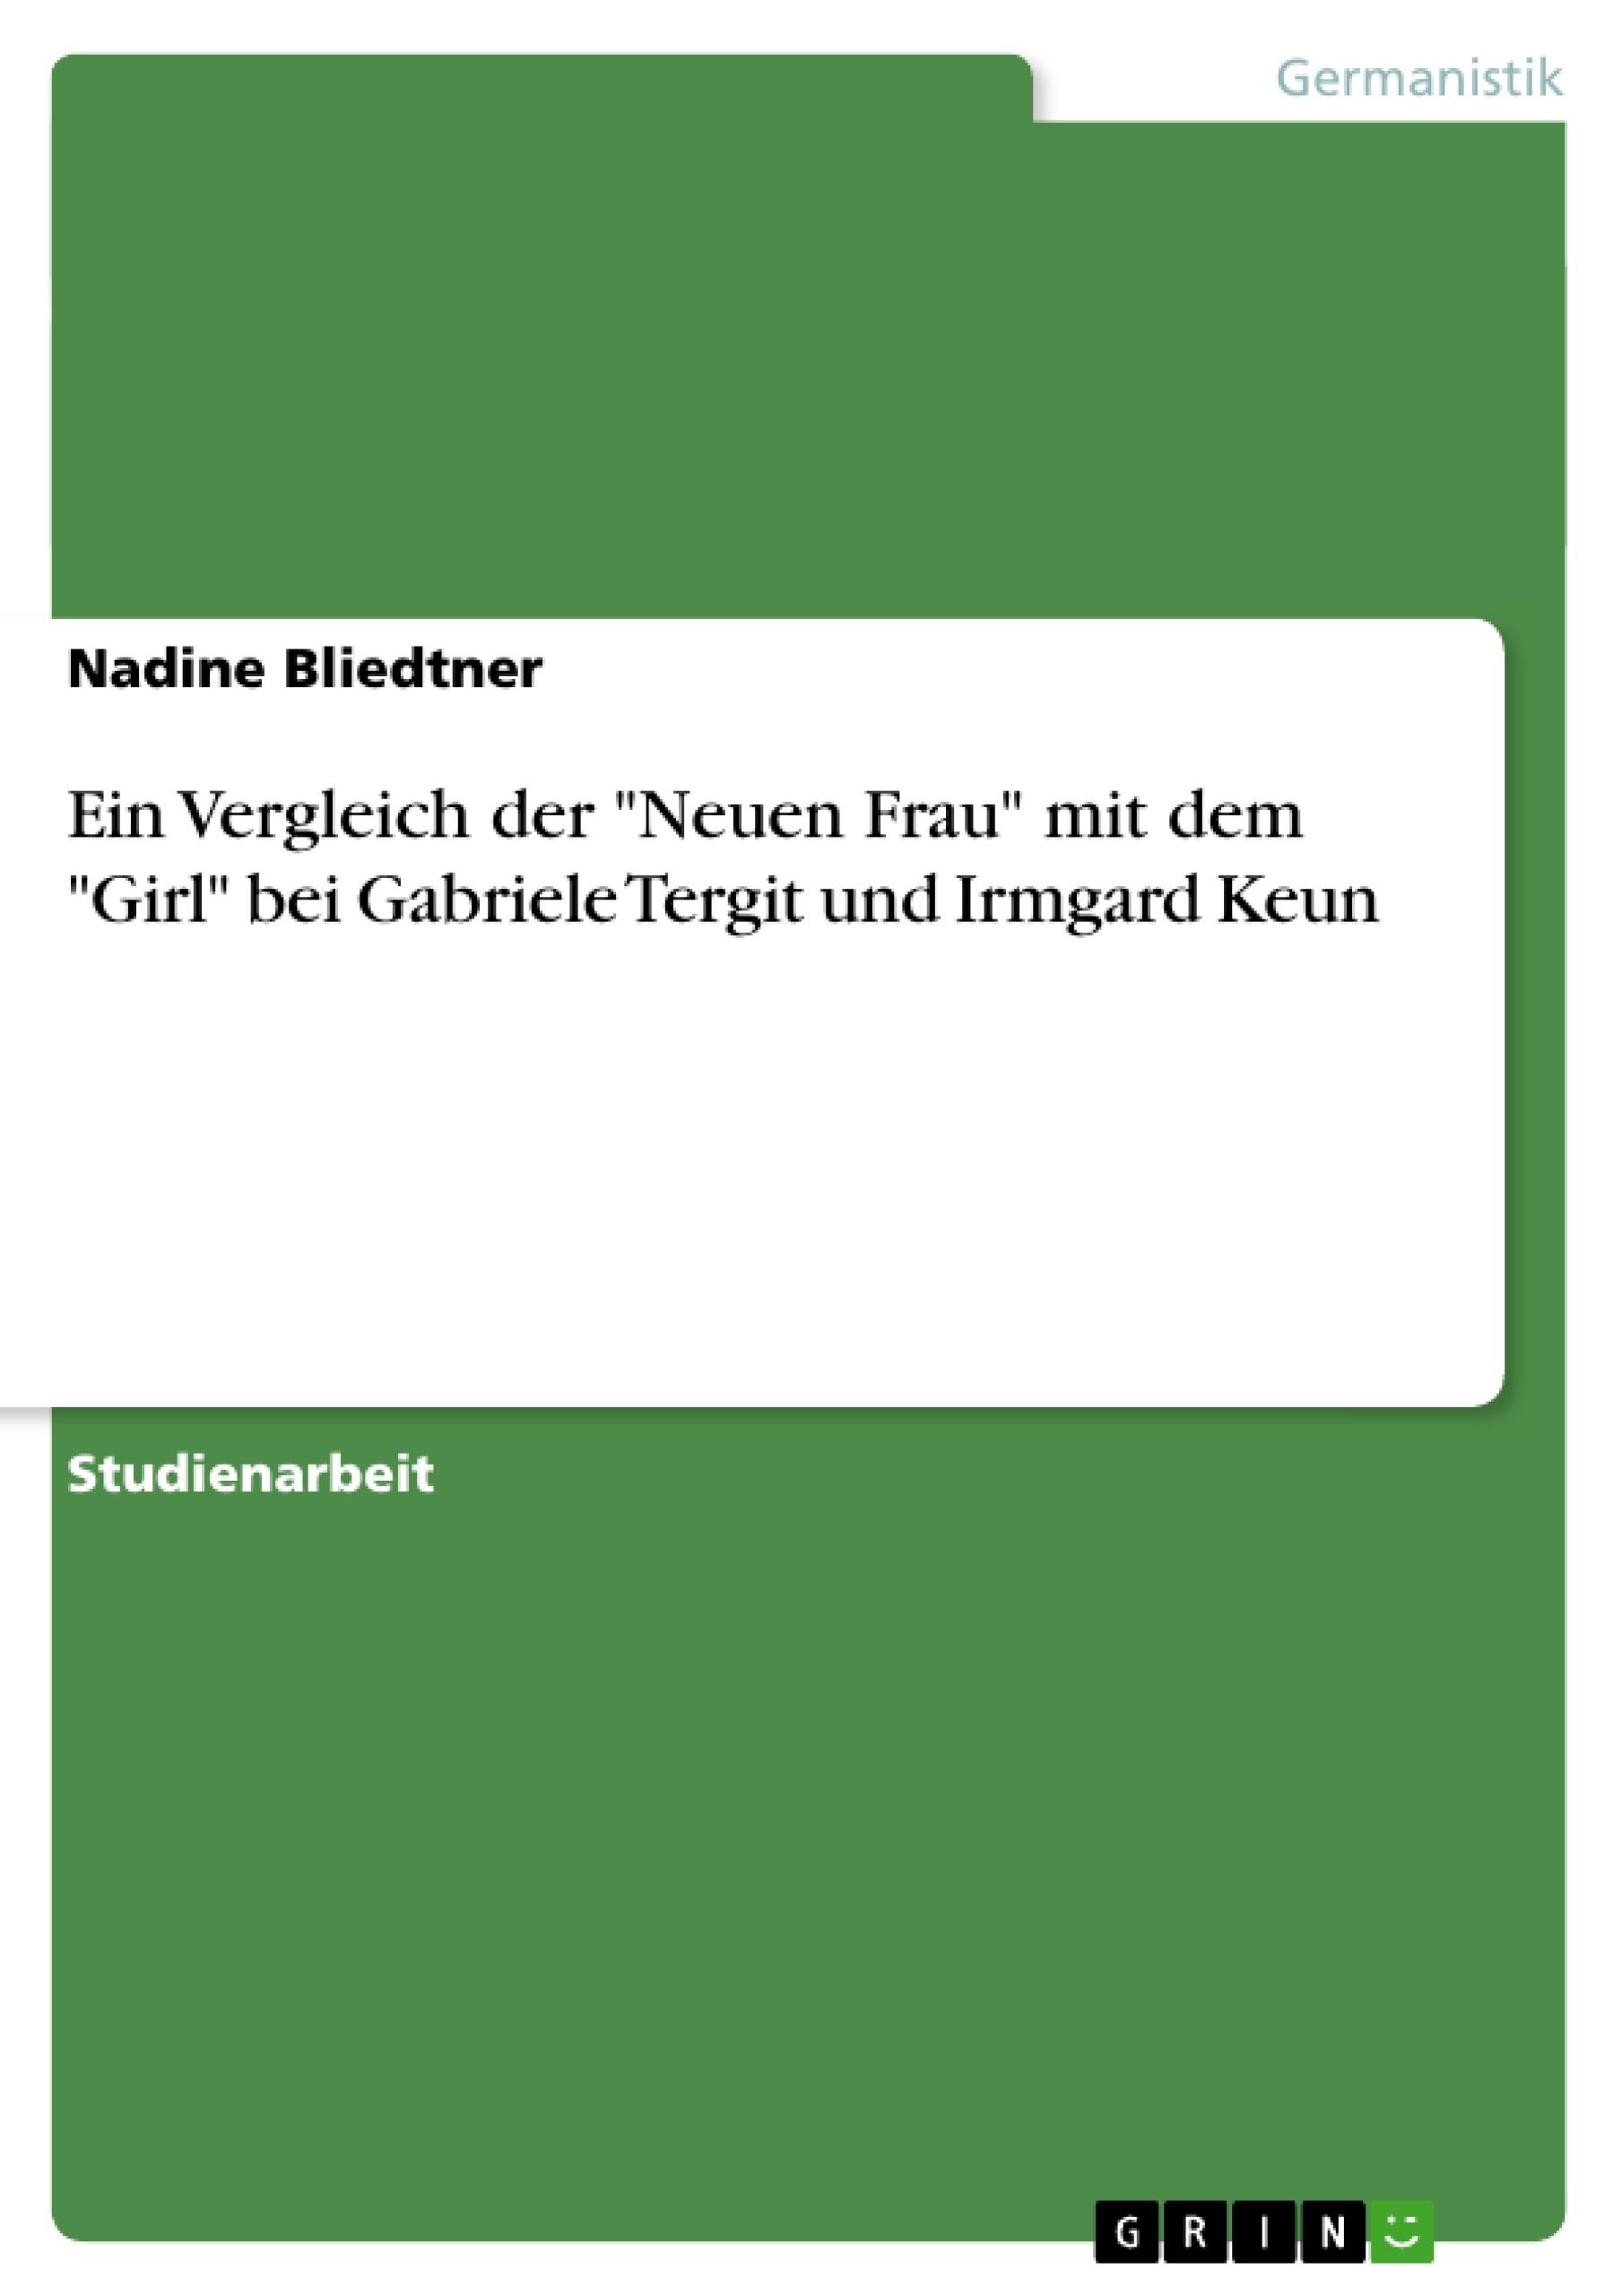 """Titel: Ein Vergleich der  """"Neuen Frau""""  mit dem """"Girl""""  bei Gabriele Tergit und Irmgard Keun"""